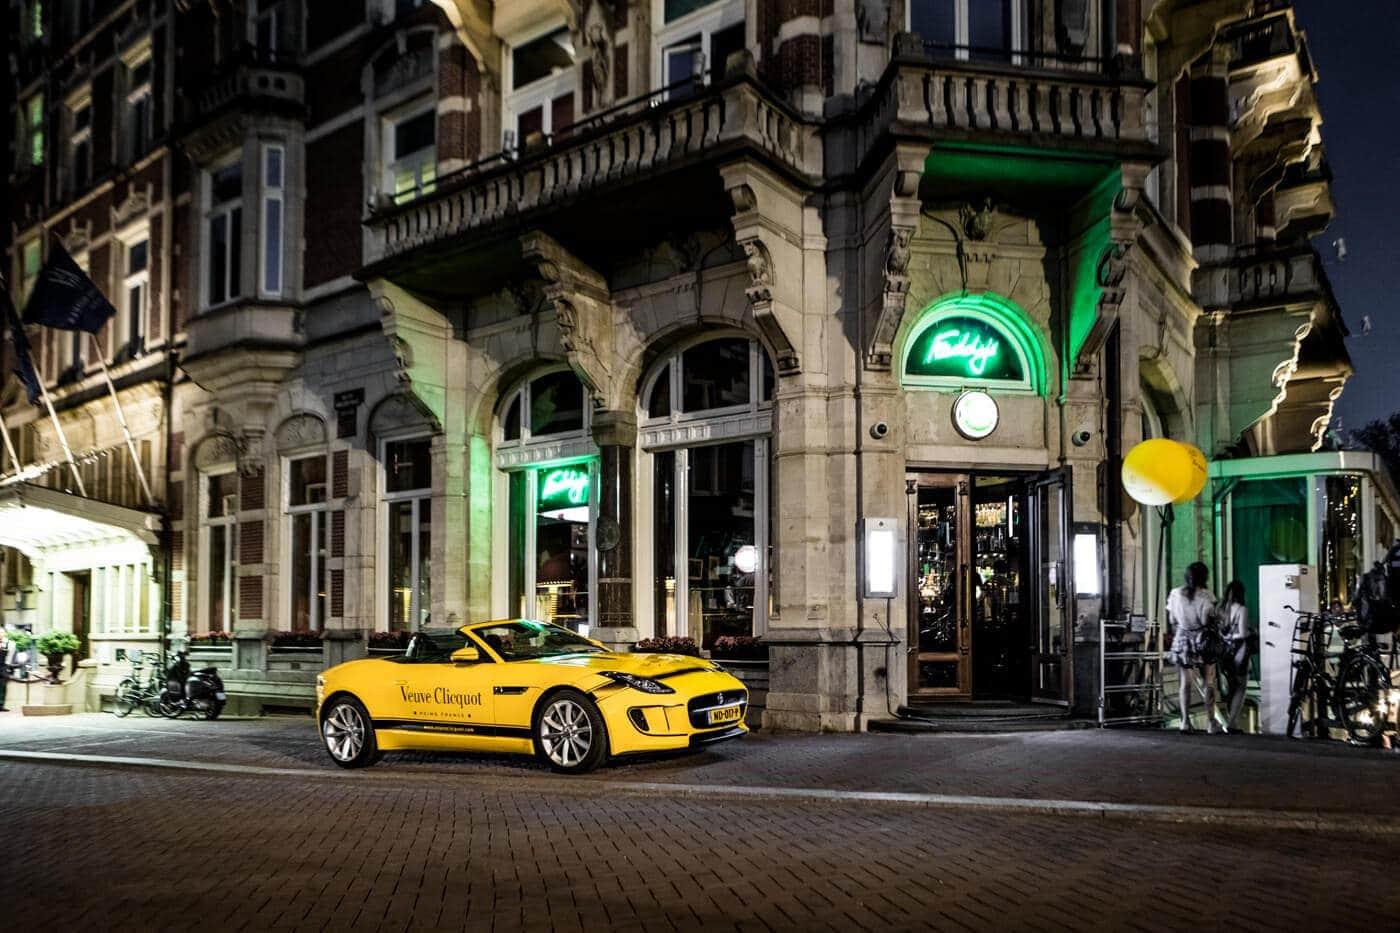 Jaguar Veuve Clicquot Amsterdam F-type